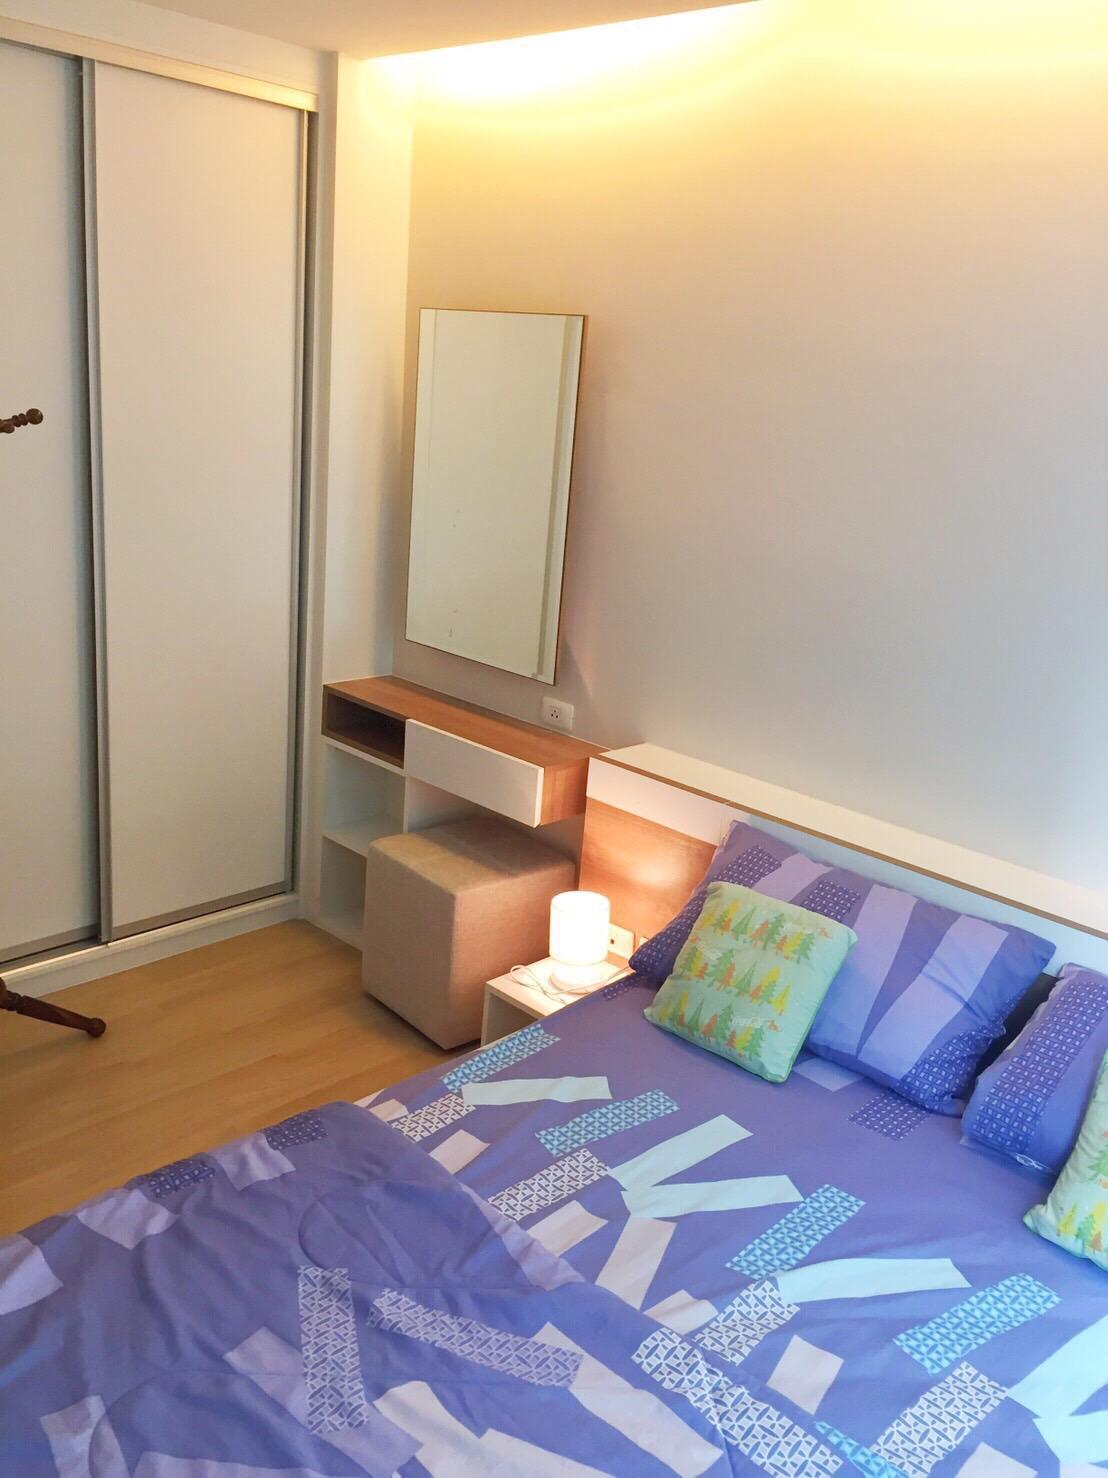 รูปของประกาศเช่าคอนโดเอมเมอรัลด์ เรสซิเดนท์ รัชดา(1 ห้องนอน)(4)